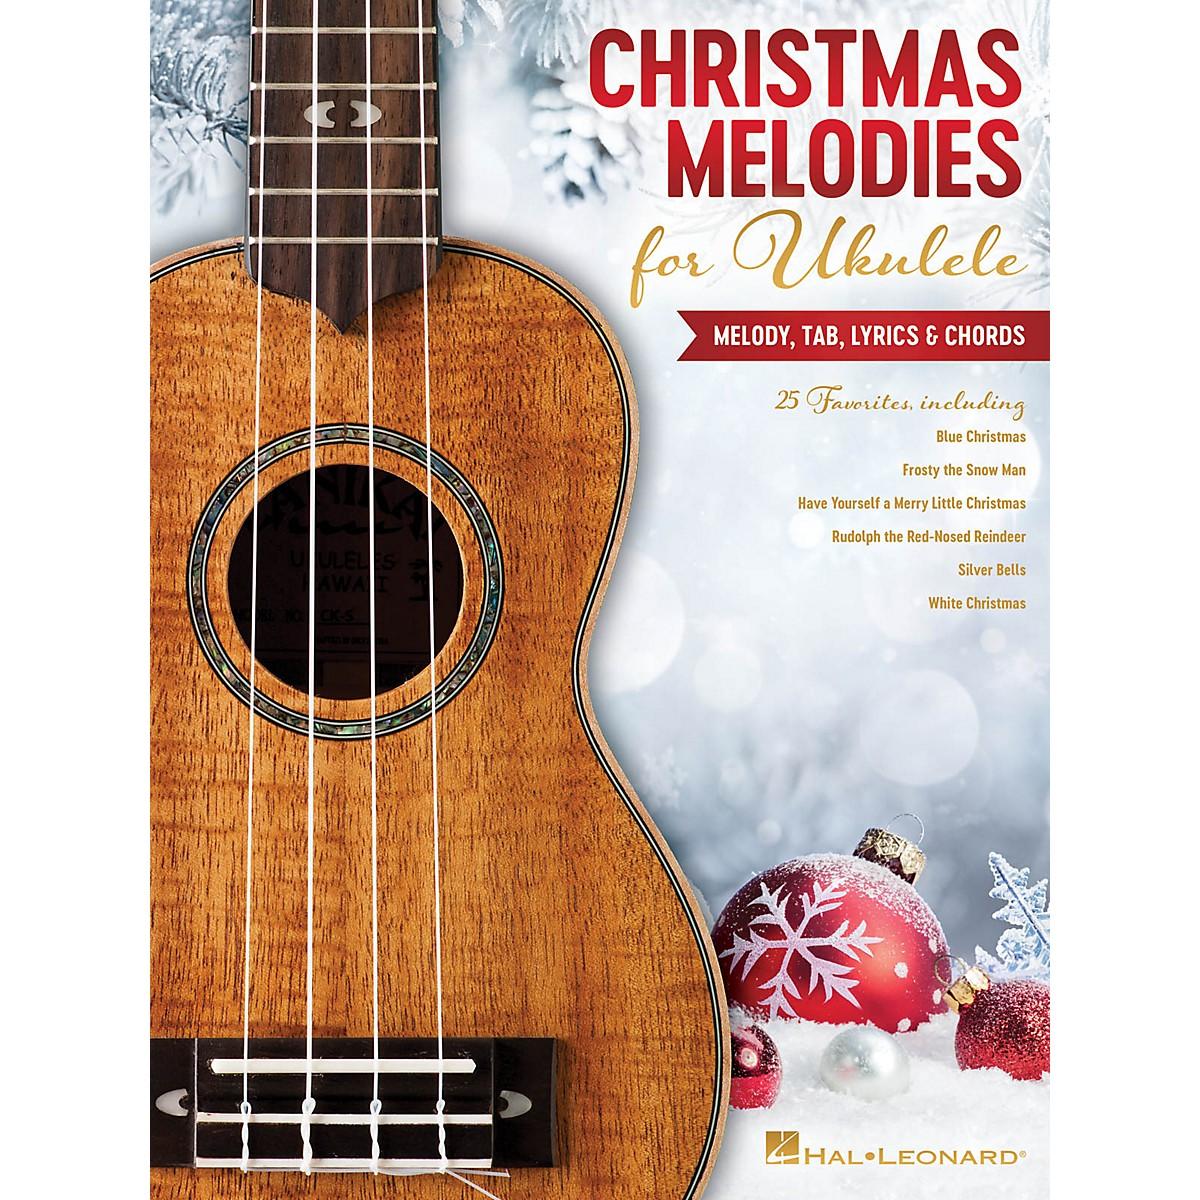 Hal Leonard Christmas Melodies for Ukulele (Melody, Tab, Lyrics & Chords)